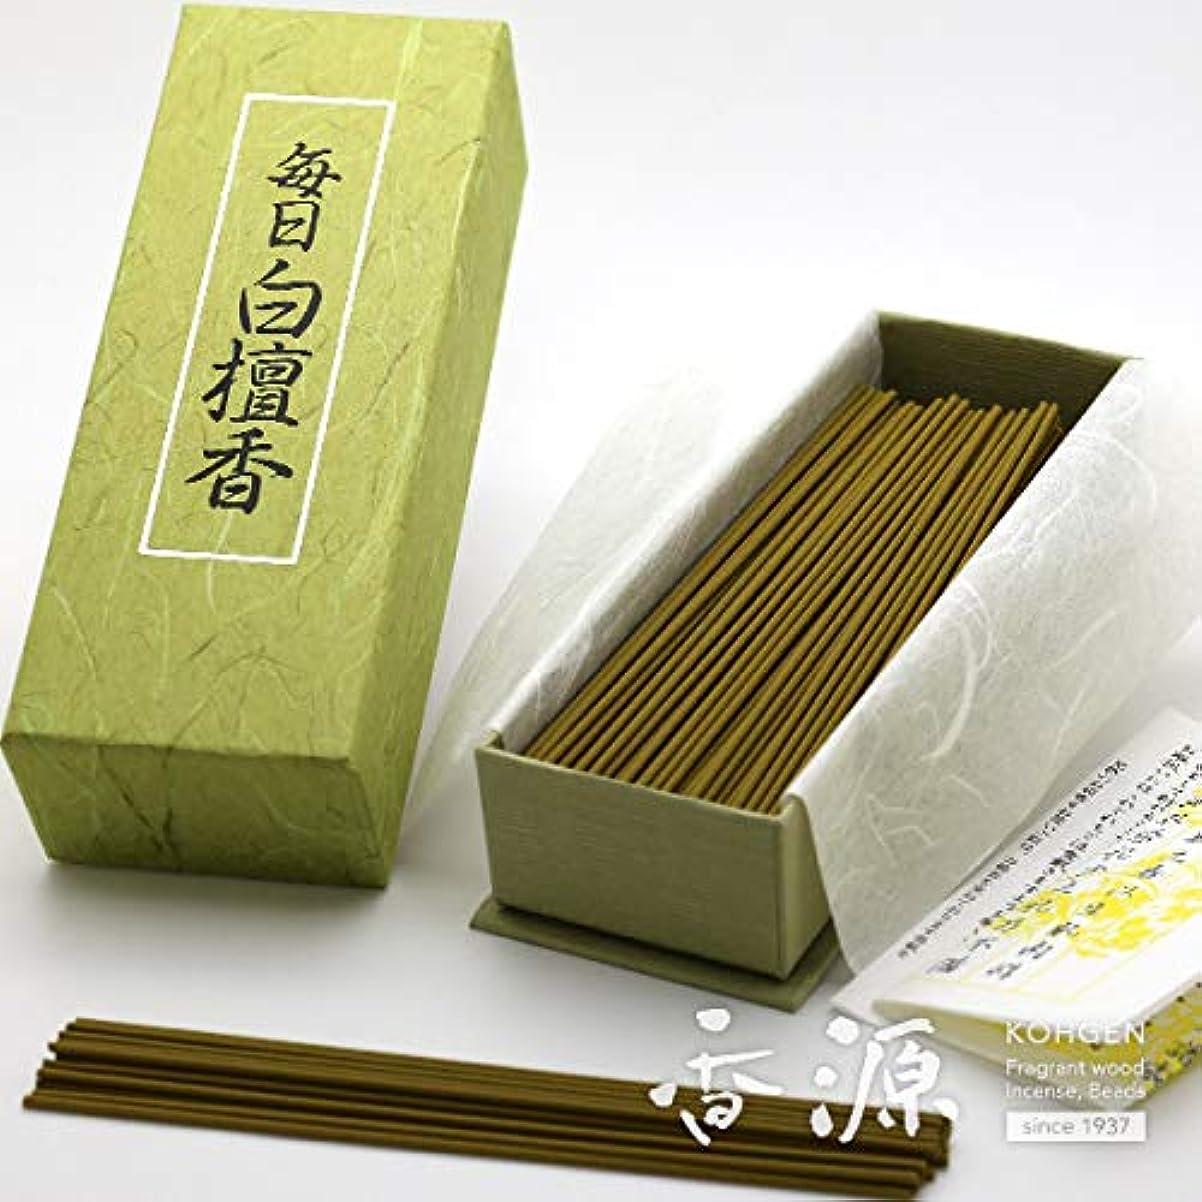 ベスト子音頭痛日本香堂のお香 毎日白檀香 お徳用バラ詰